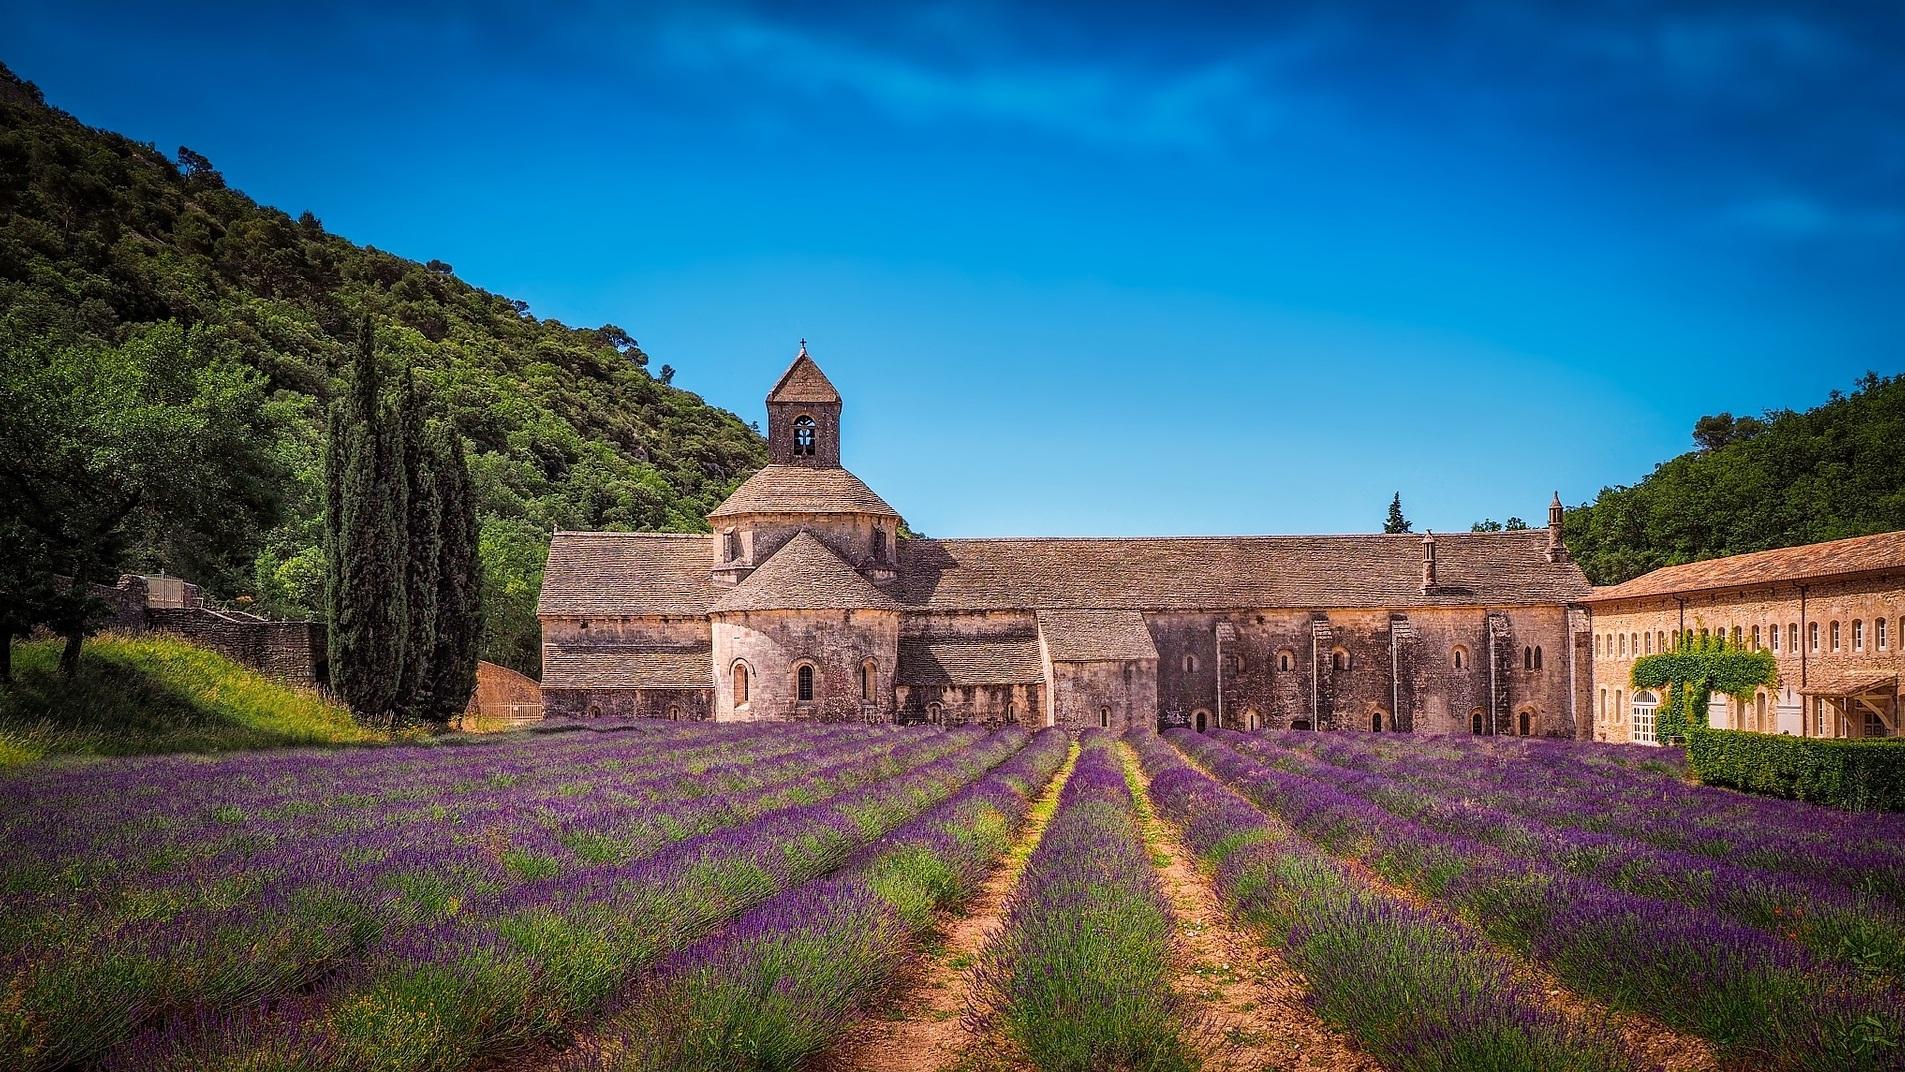 Lavender fields of Abbaye Notre-Dame de Senanque - Avignon/Gordes, France